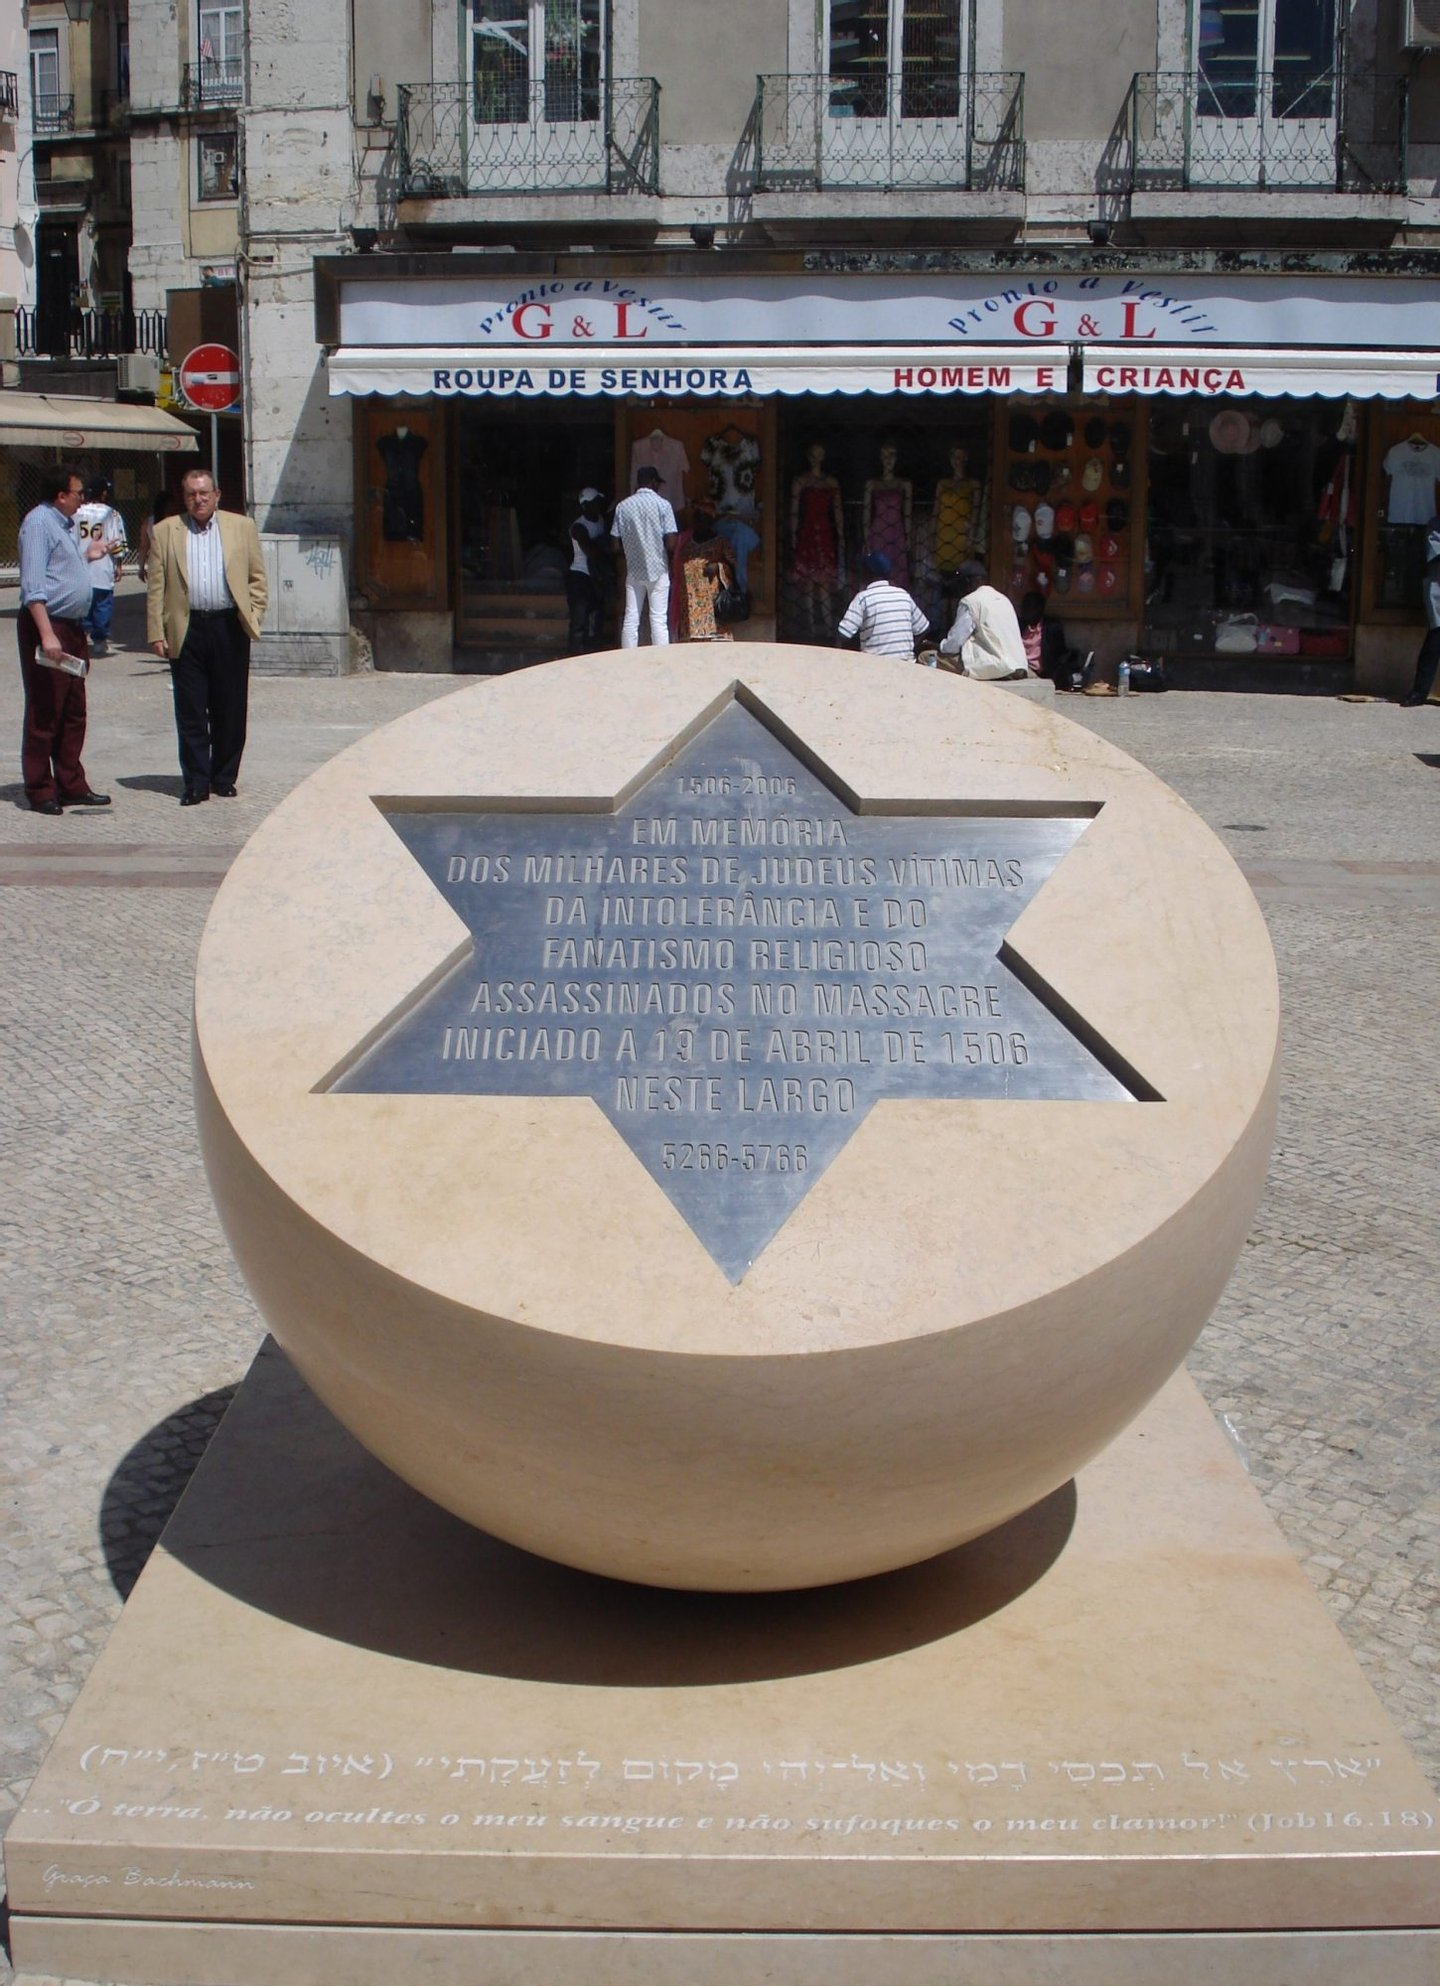 Homenagem aos judeus assassinados no massacre de Lisboa, em 1506